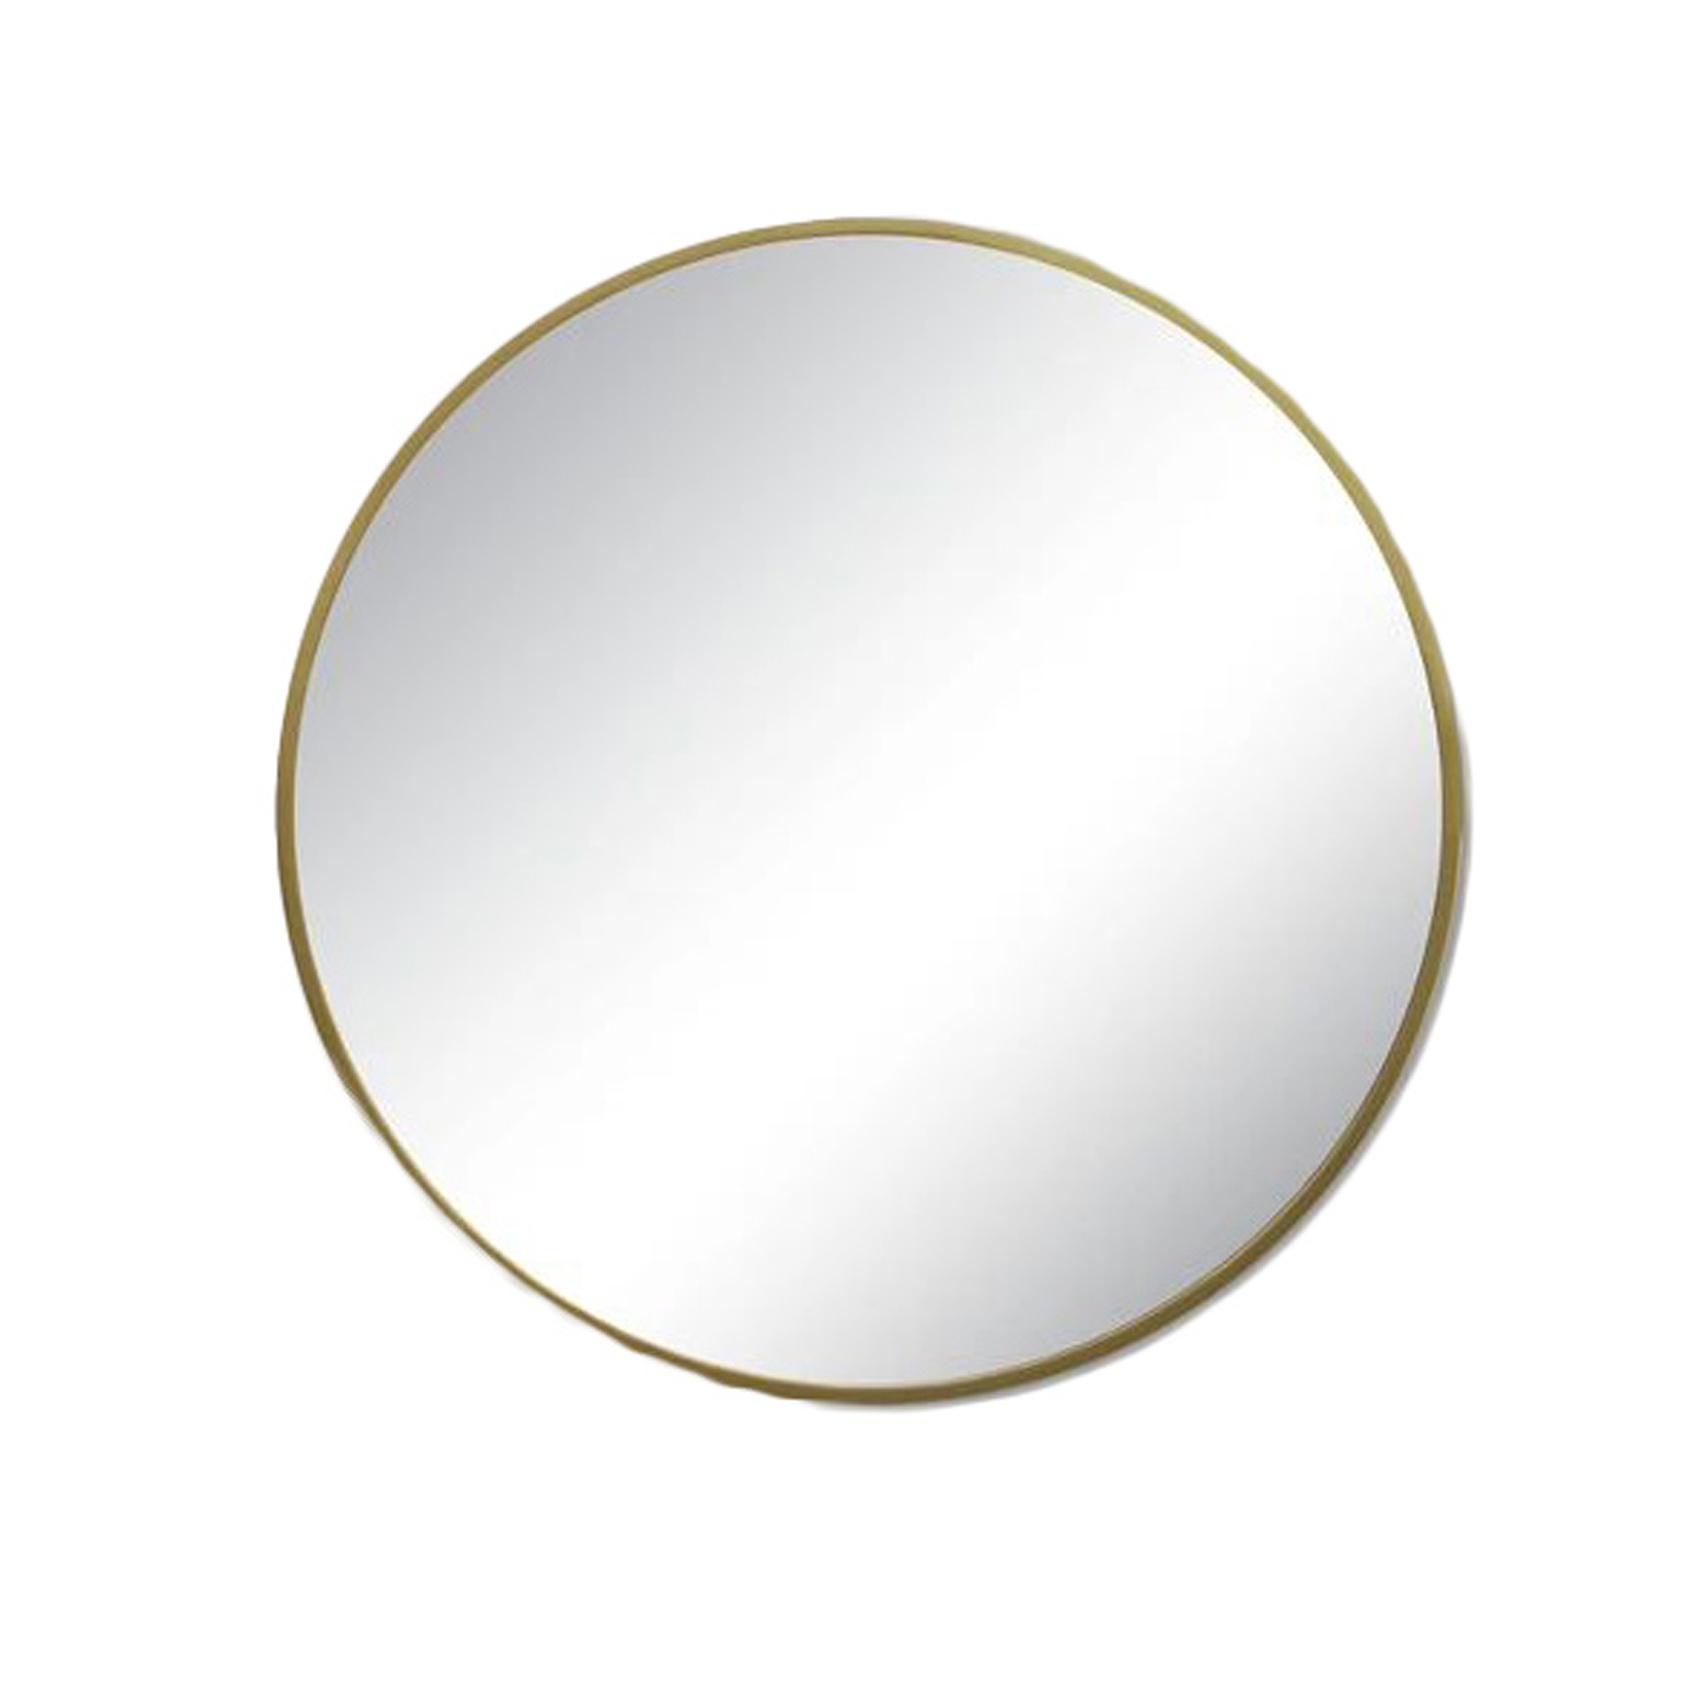 round brass mirror, boho-chic home decor